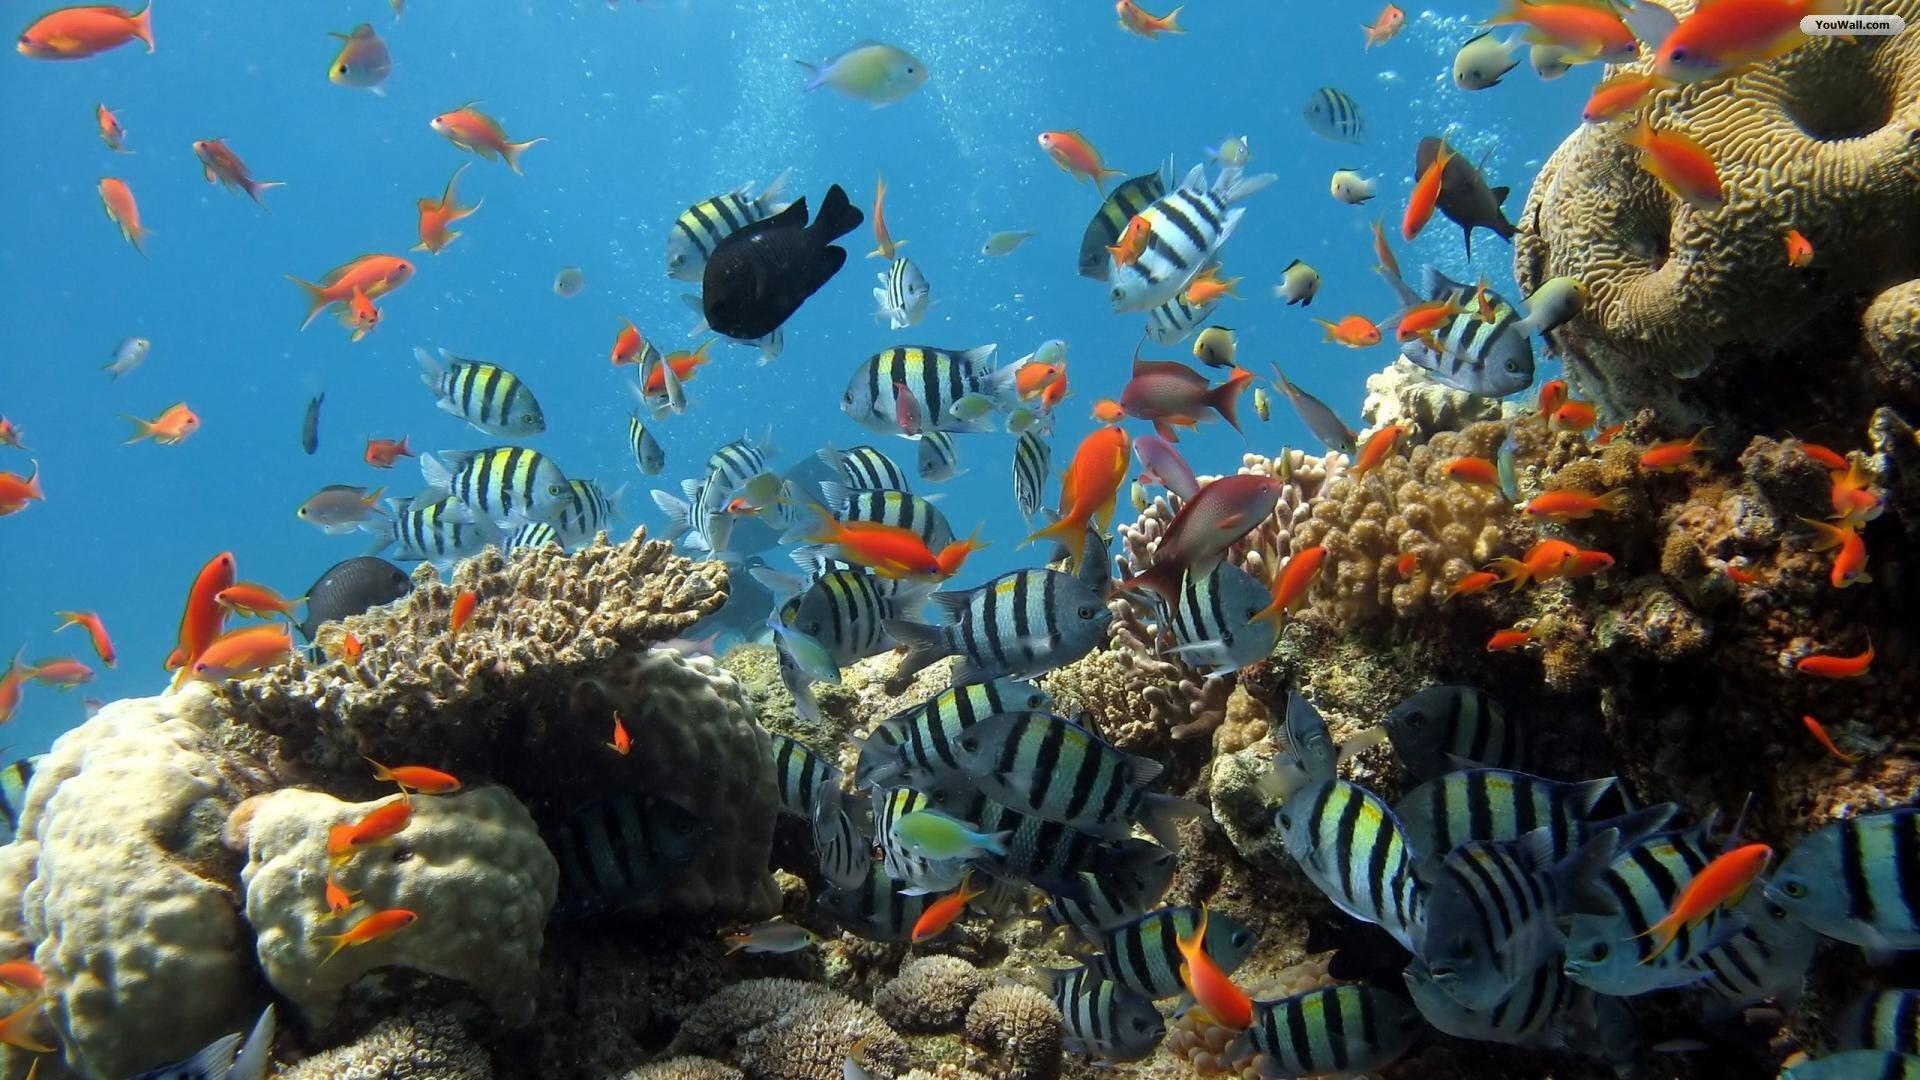 Great Barrier Reef Wallpaper 1920x1080